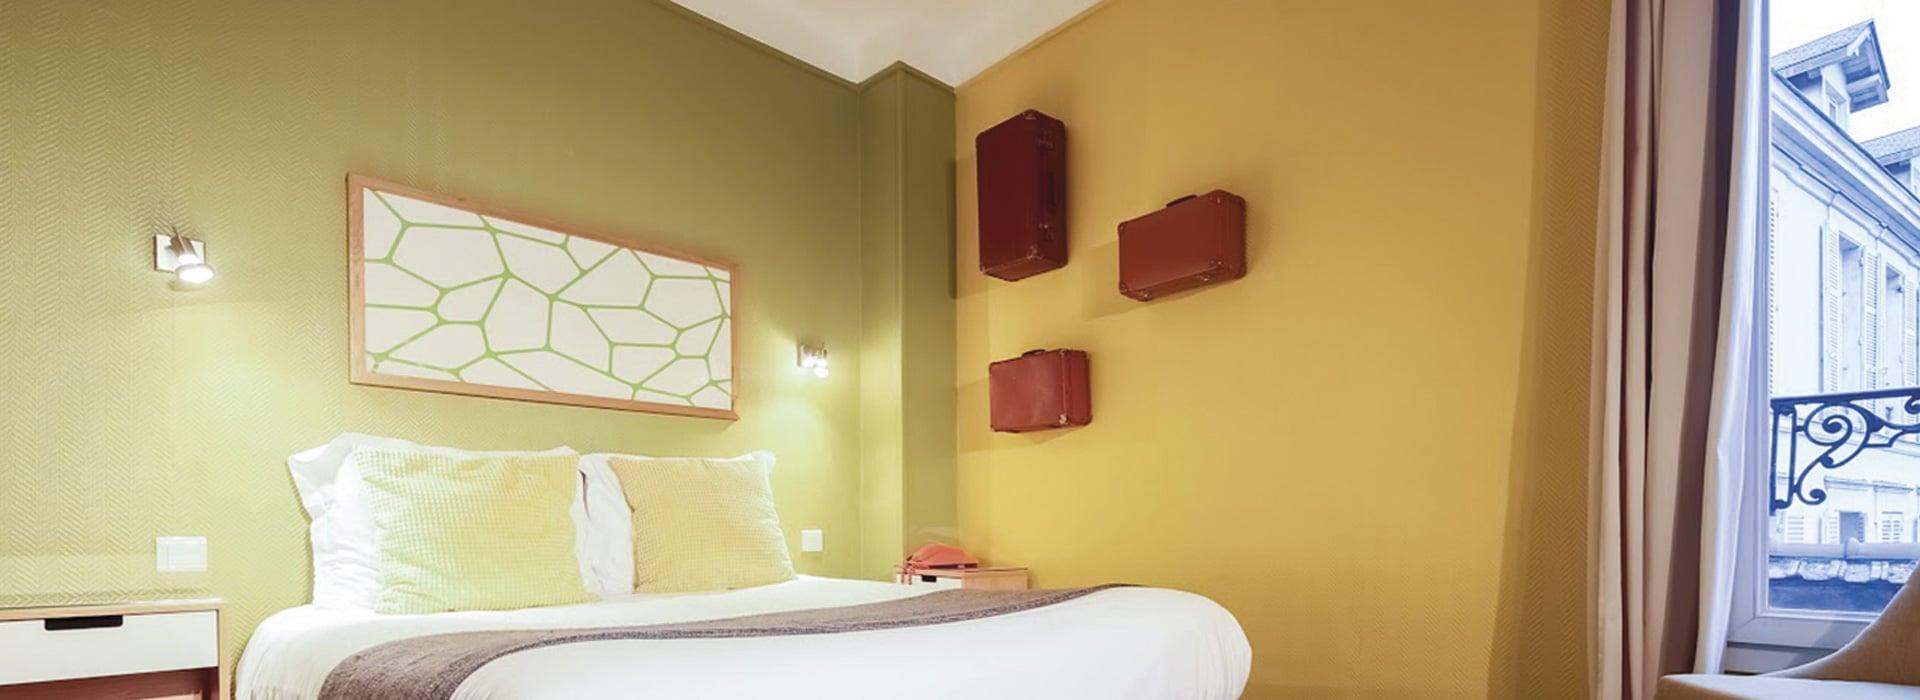 hotel-azur-chambre4